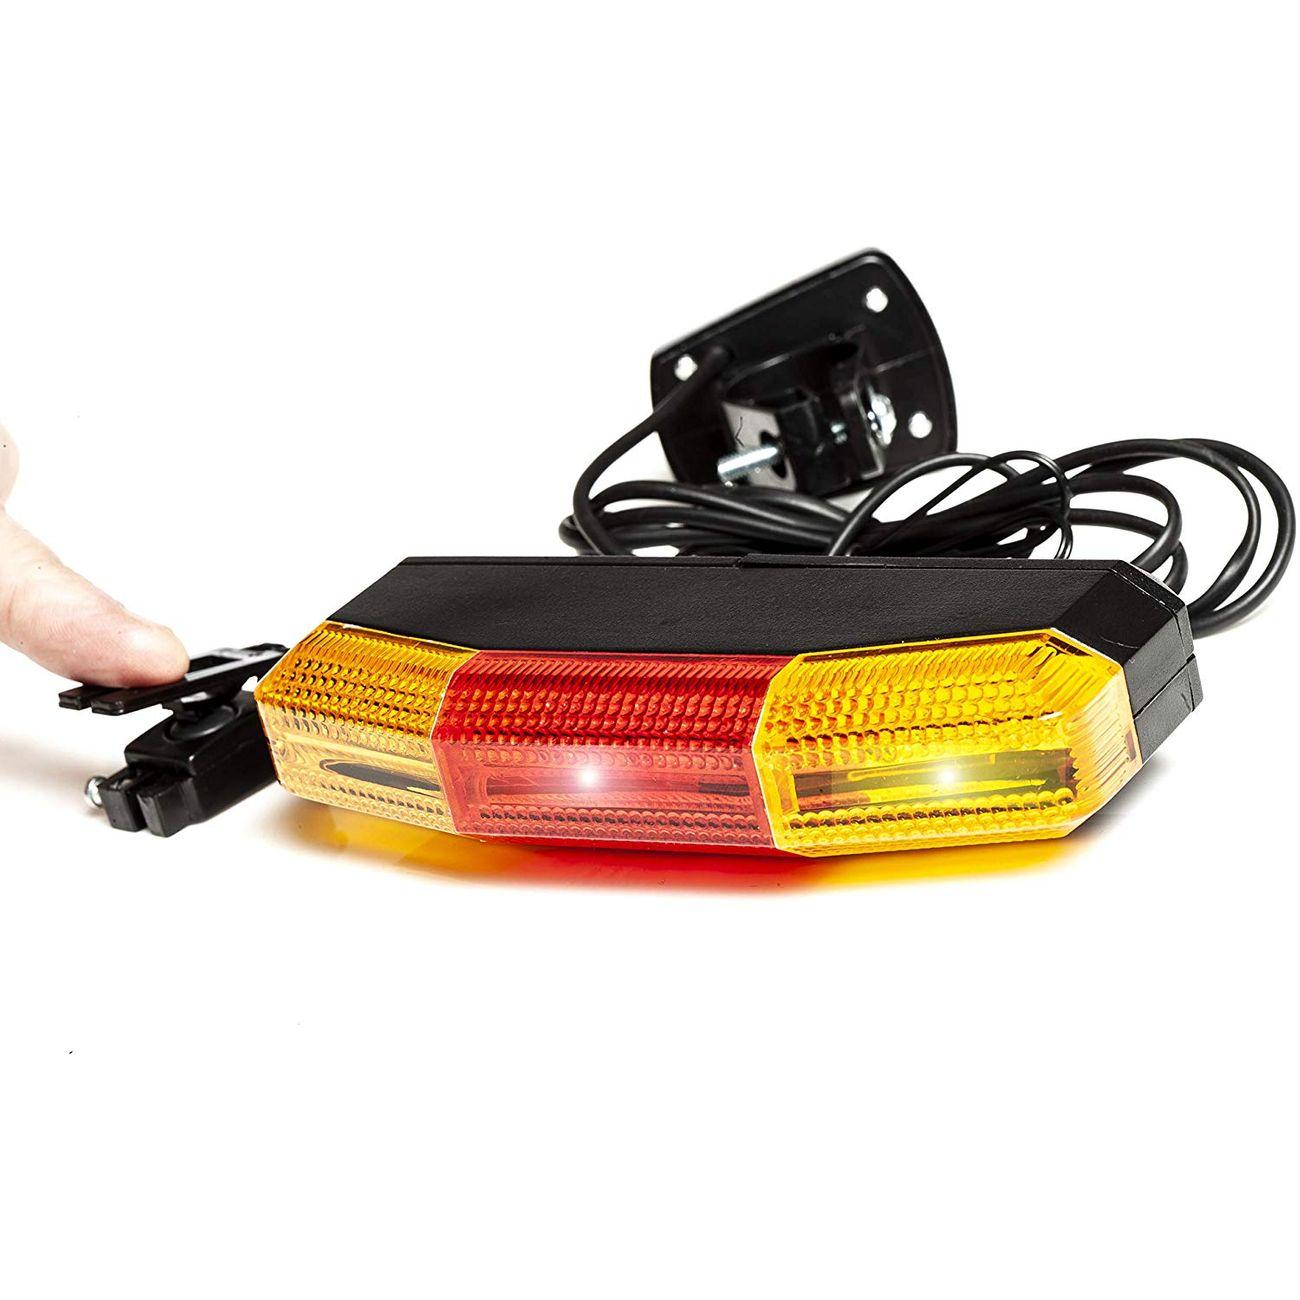 AWE AWE 7 LEDs Signal Lampes De Vélo De Frein Et Directionnel